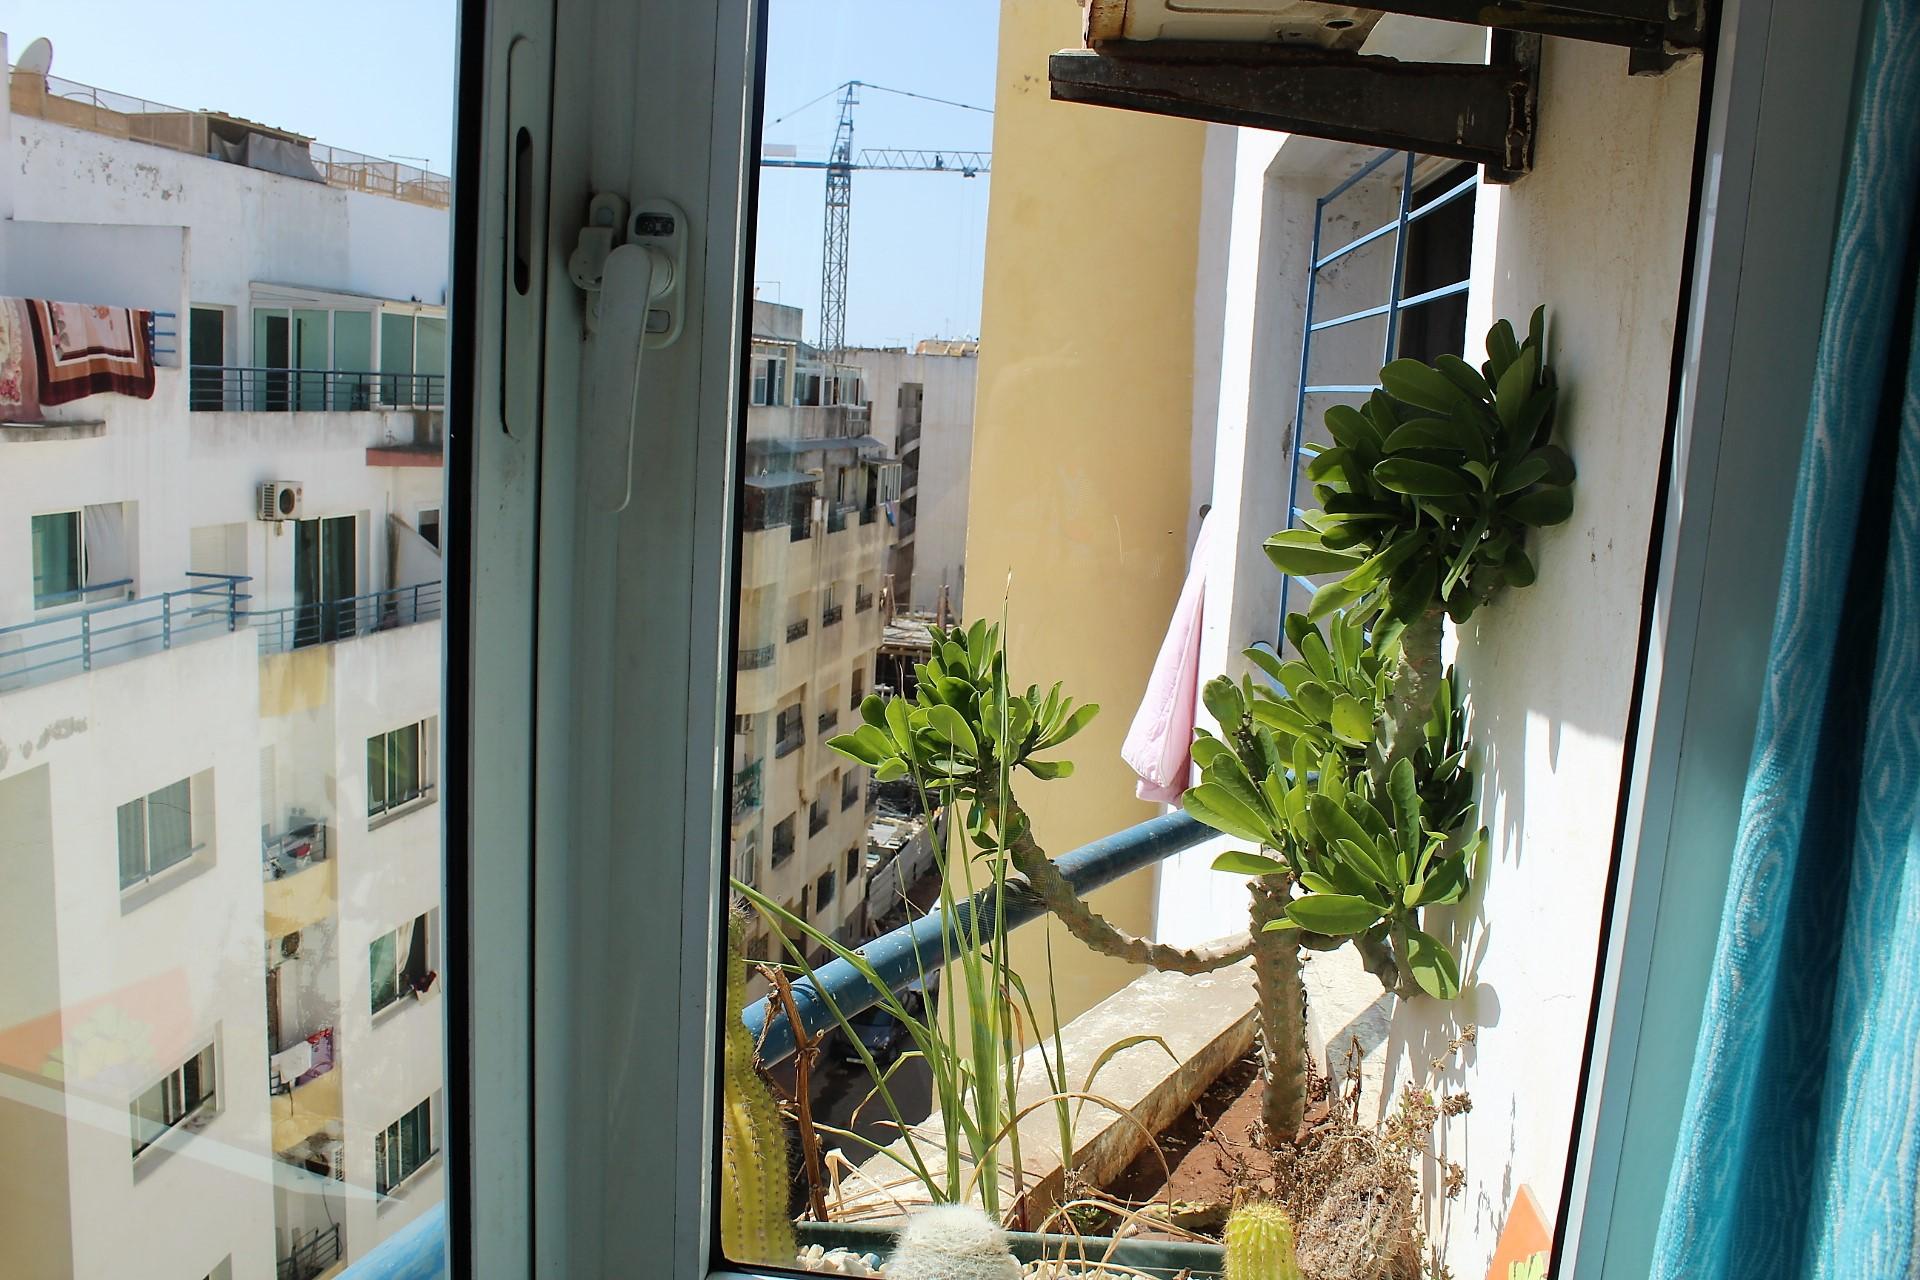 Maroc, Casablanca, Bourgogne à louer appartement de 89 M2 + terrasse